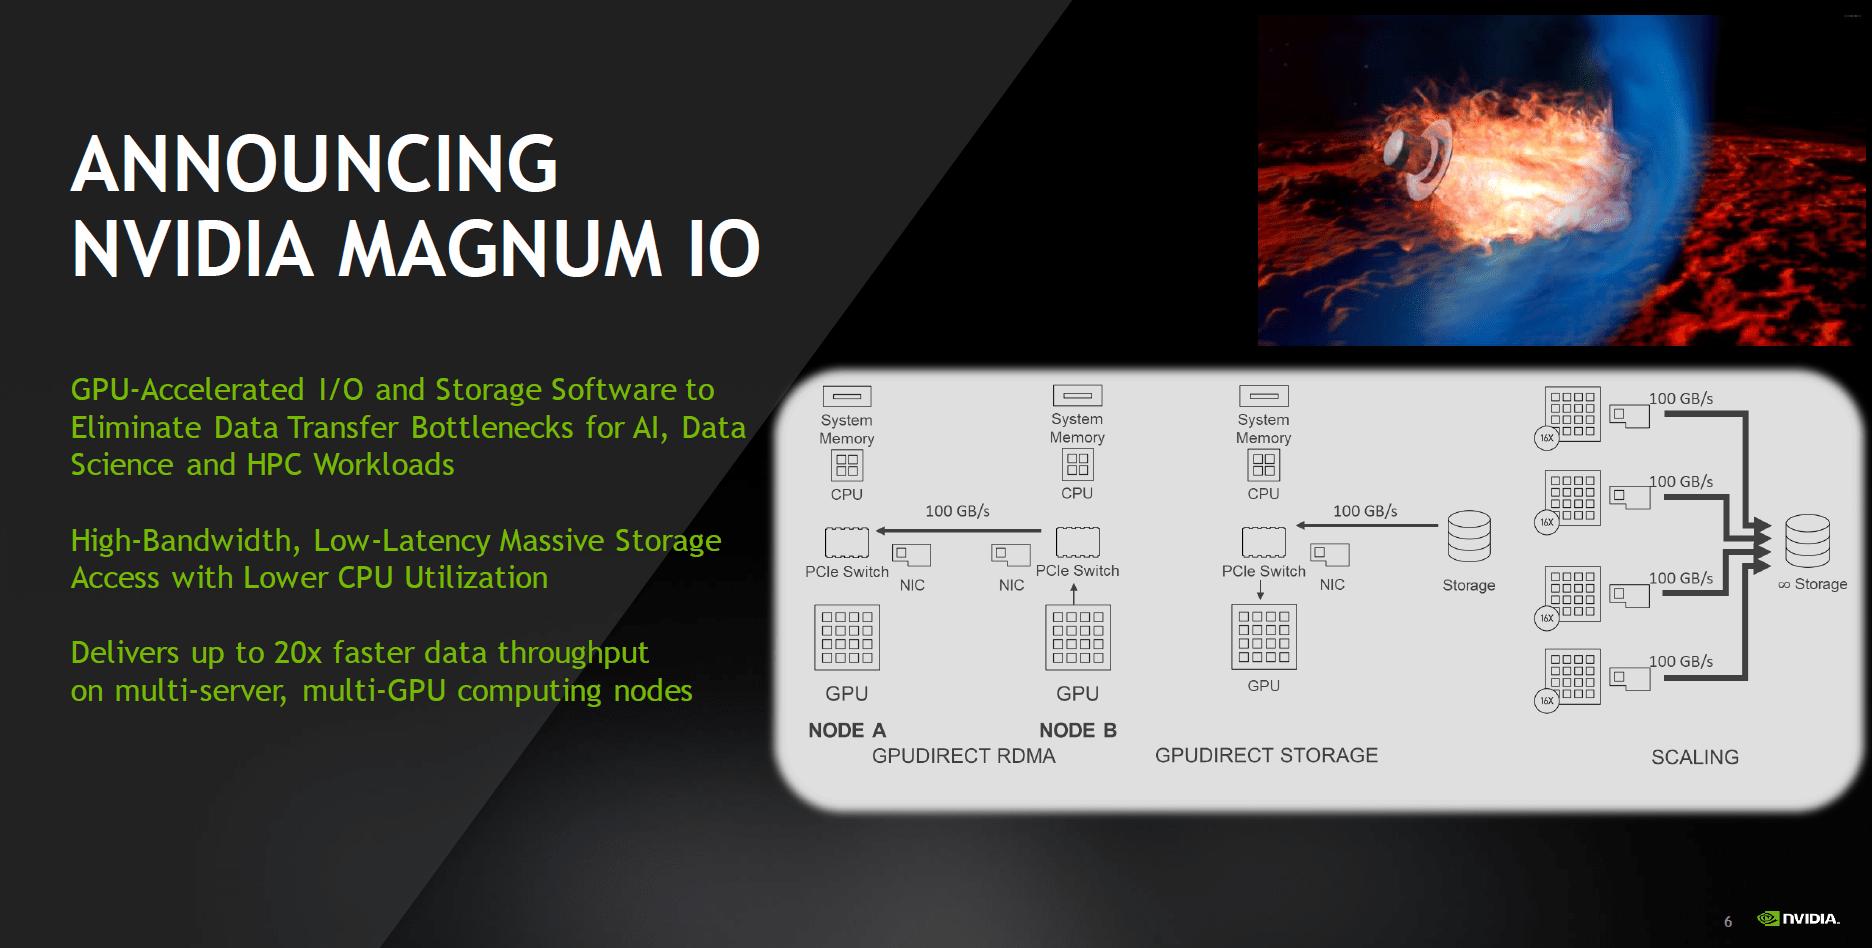 Nvidia Magnum IO